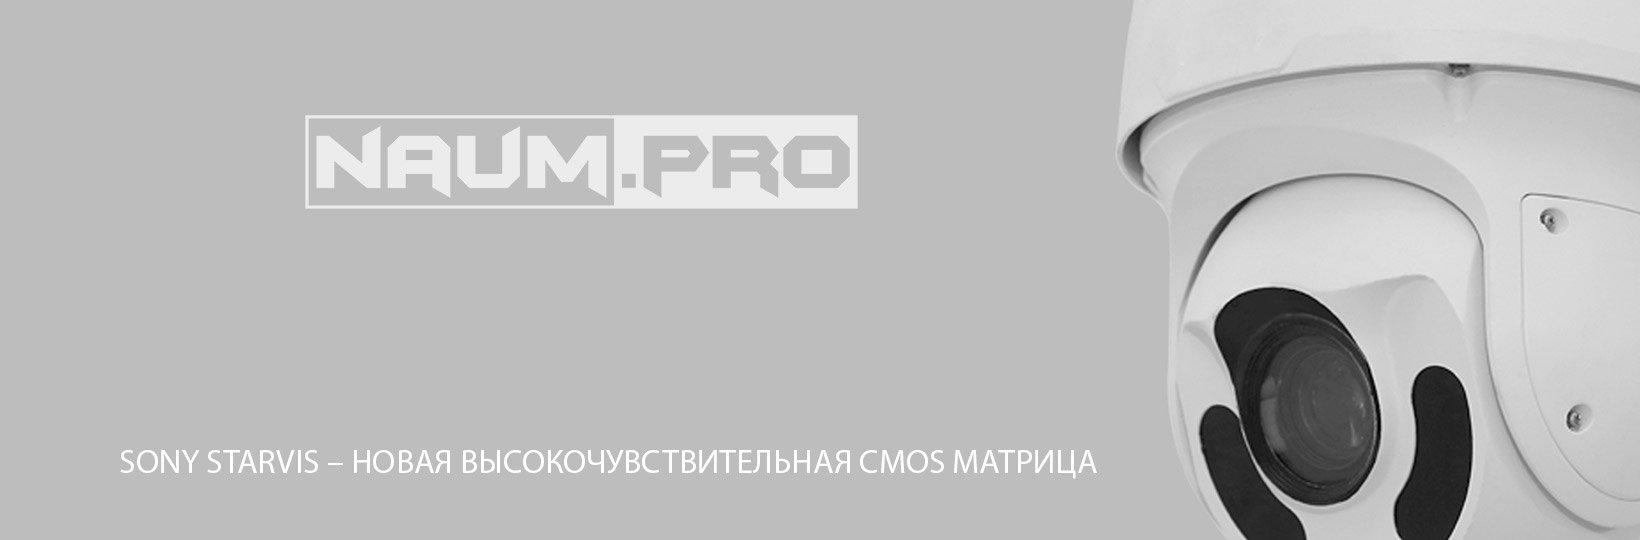 Naum.pro IP видеонаблюдение с поддержкой технологии Starlight (Ночь в цвете)